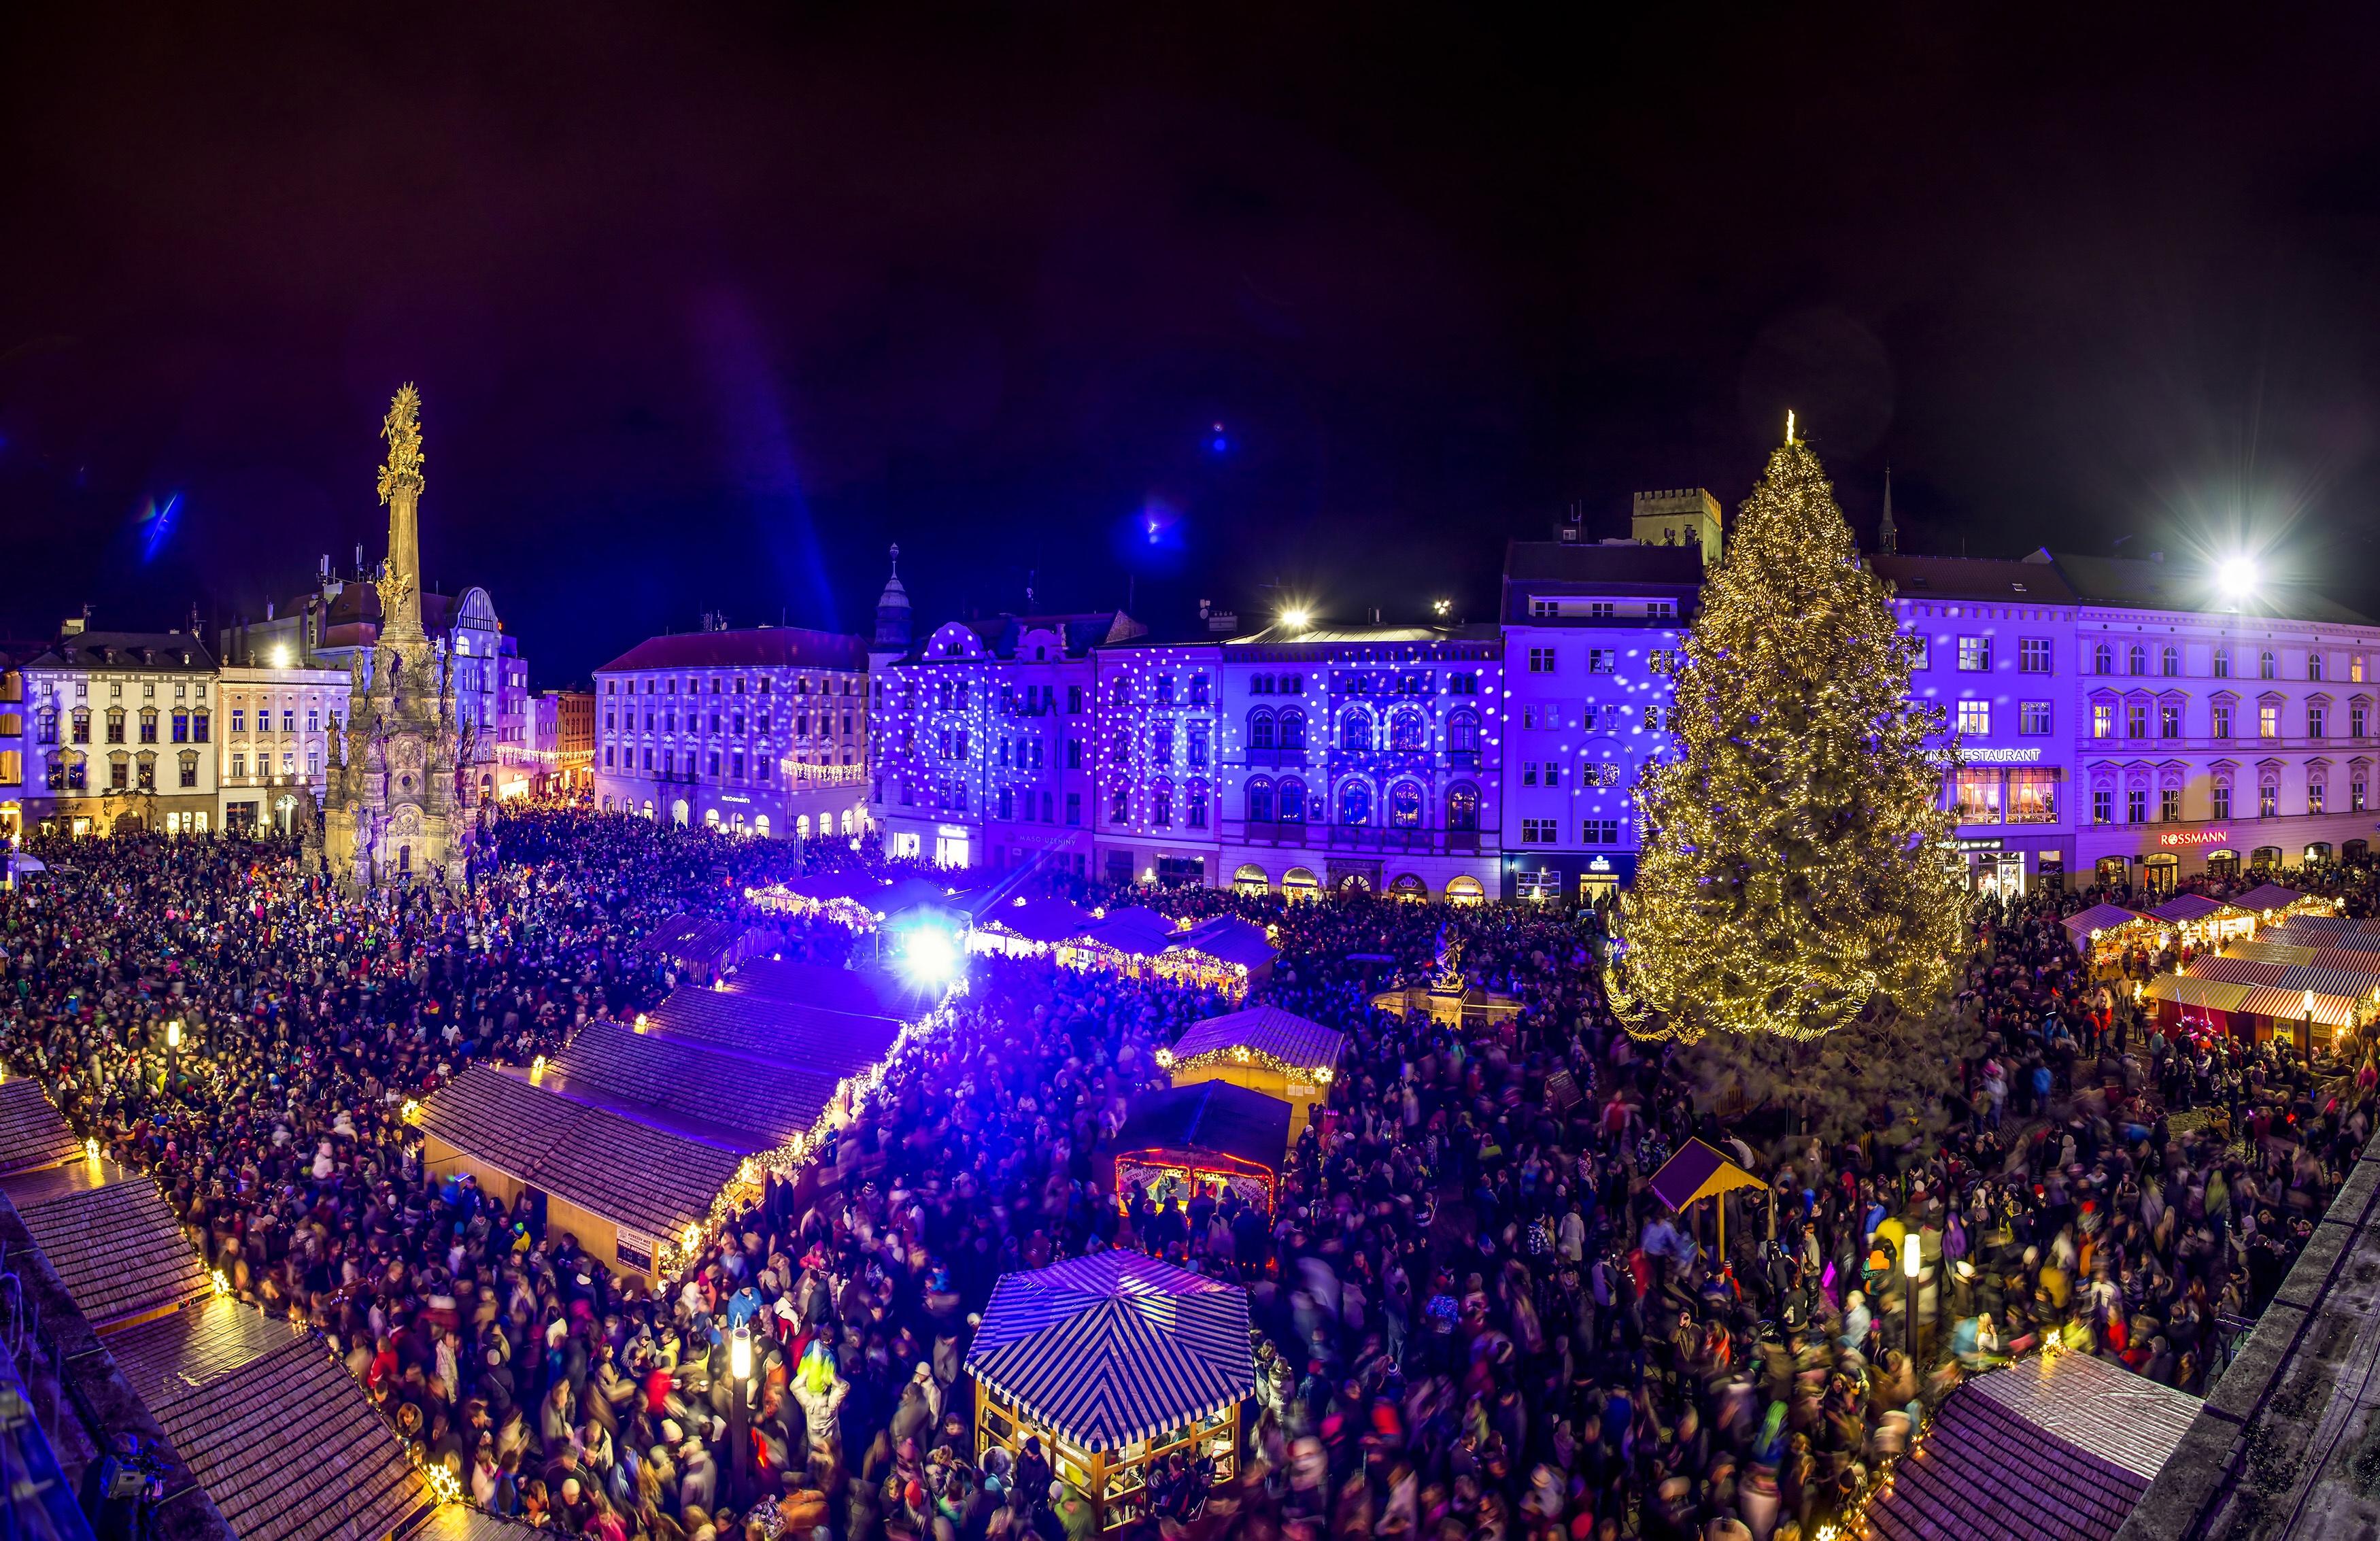 Výsledek obrázku pro vánoční olomouc 2016